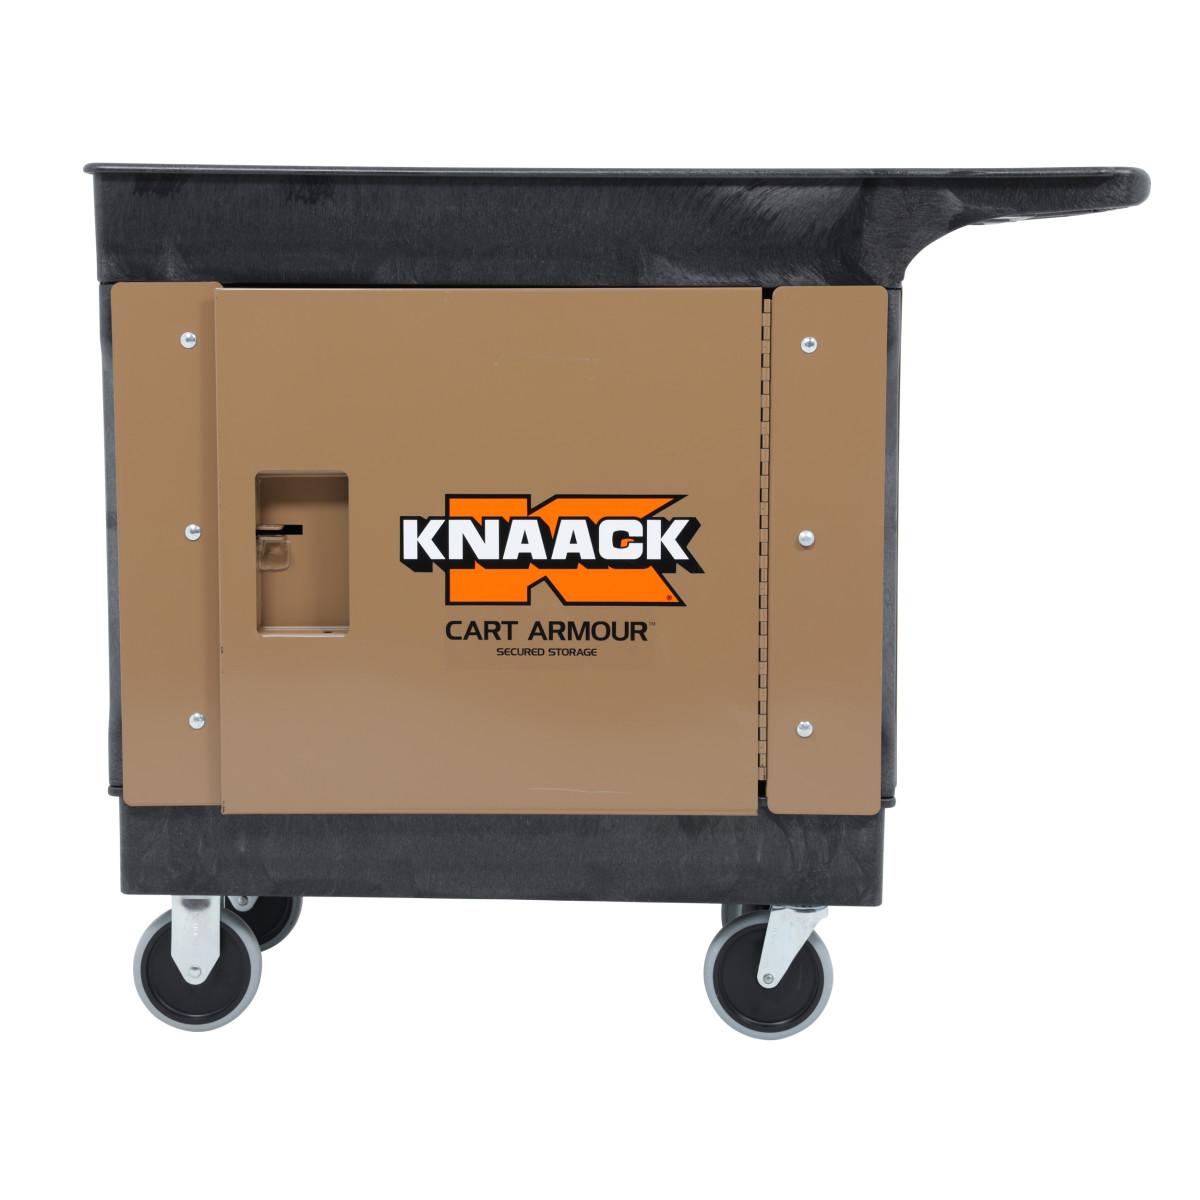 Knaack photo for newsletter